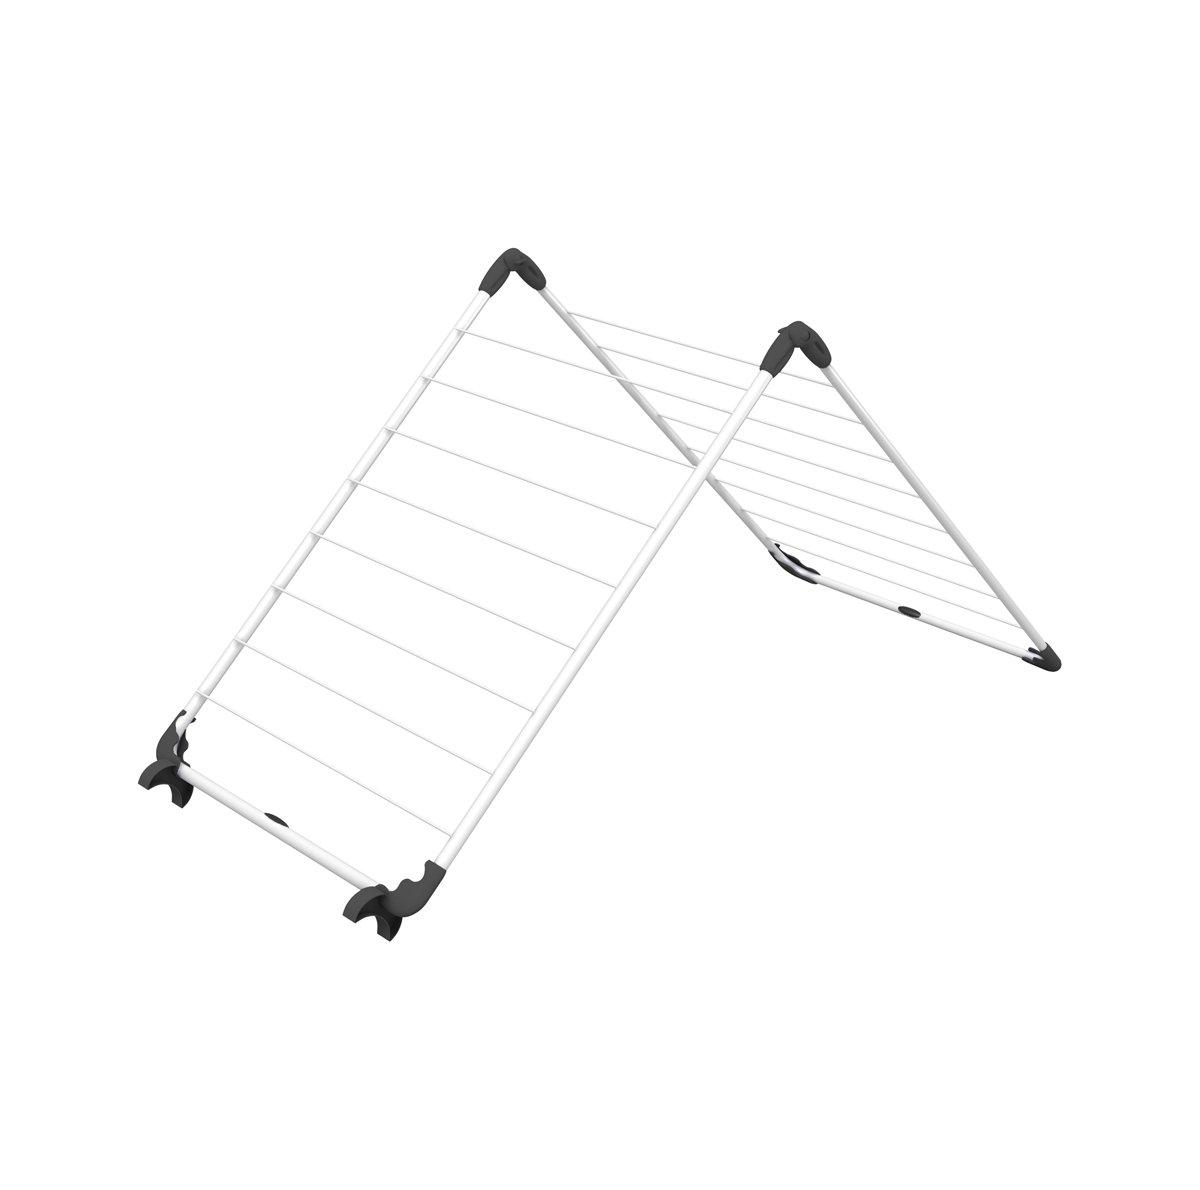 Séchoir baignoire Acrobath - 10m - 157233 VILEDA